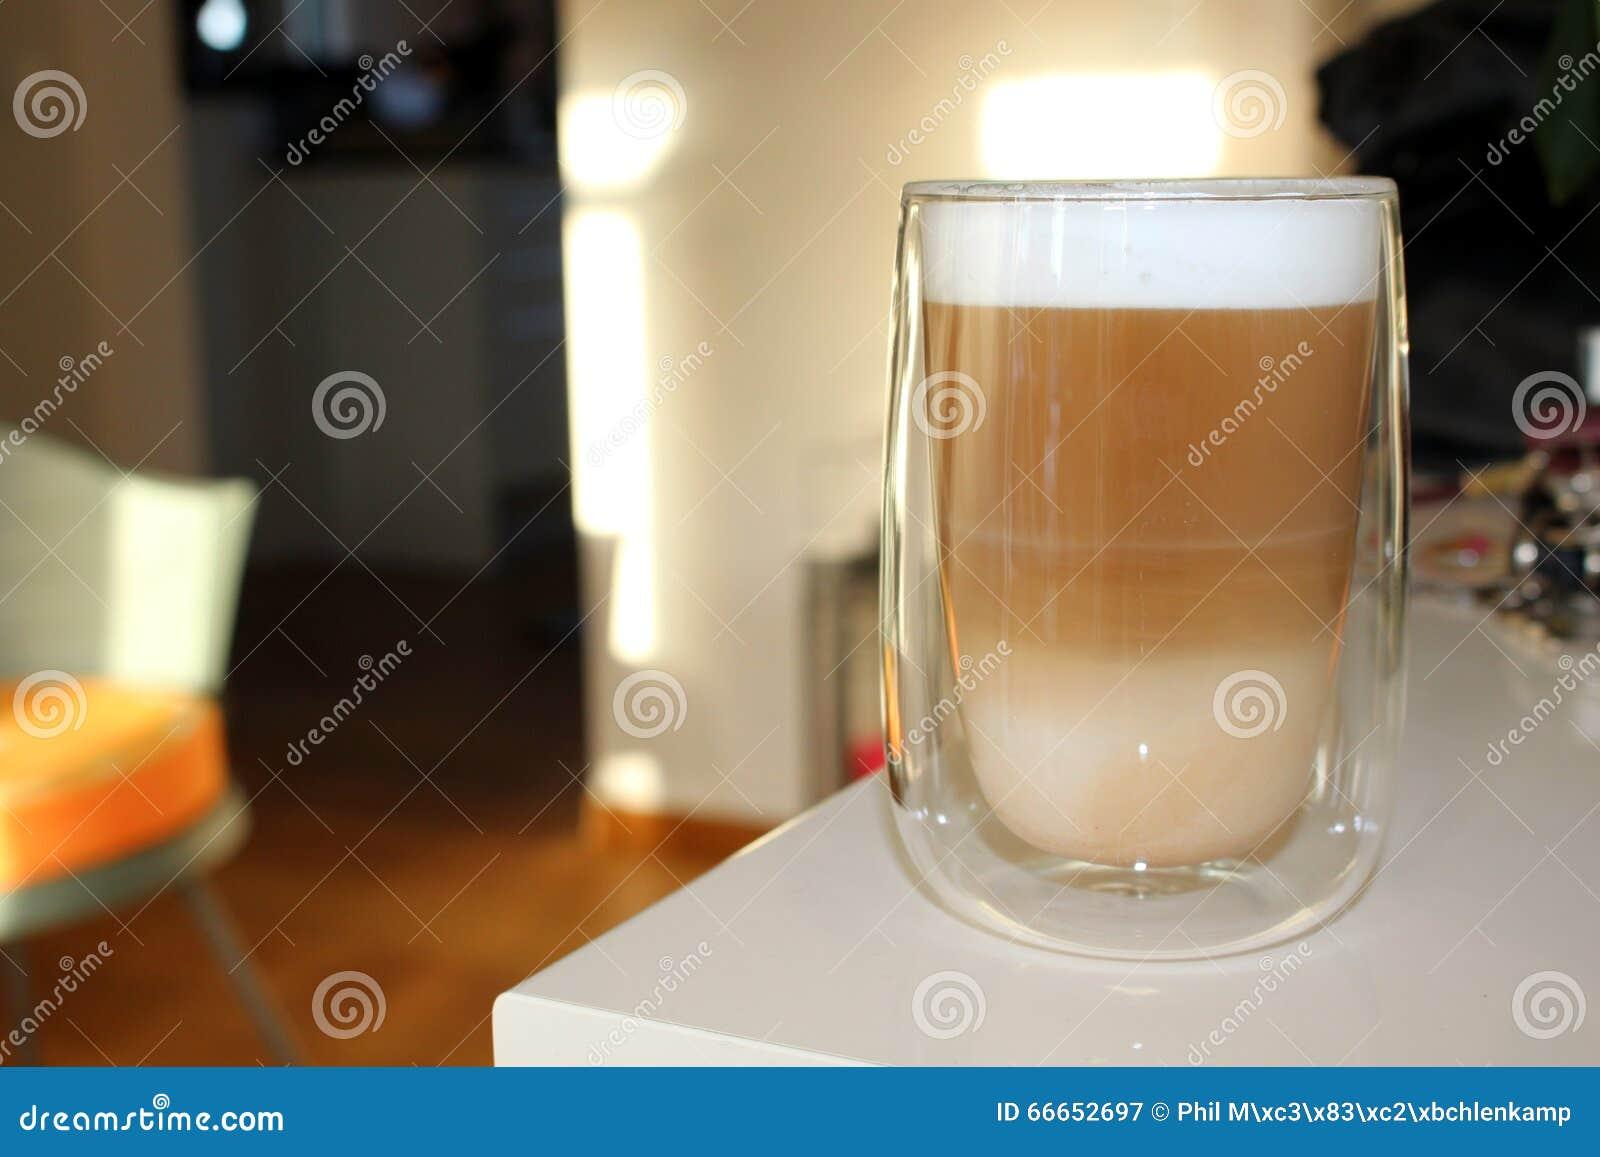 latte macchiato glas on board stock photo image 66652697. Black Bedroom Furniture Sets. Home Design Ideas